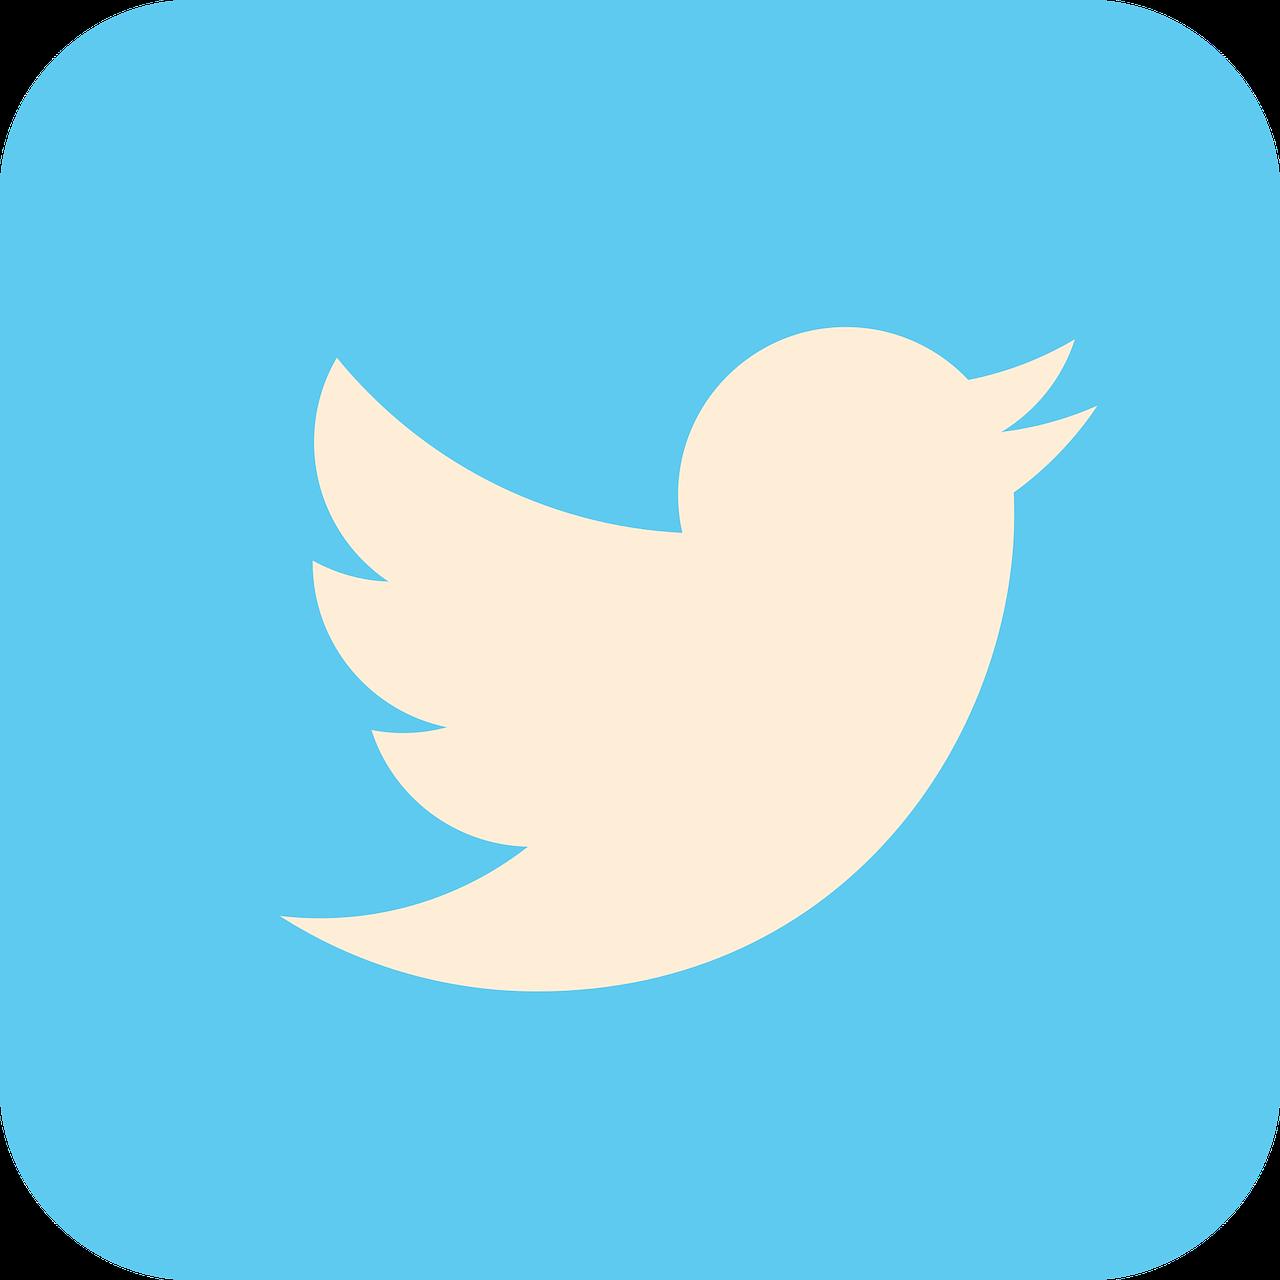 A felhasználók védelmét szolgáló új funkciót vezet be a Twitter